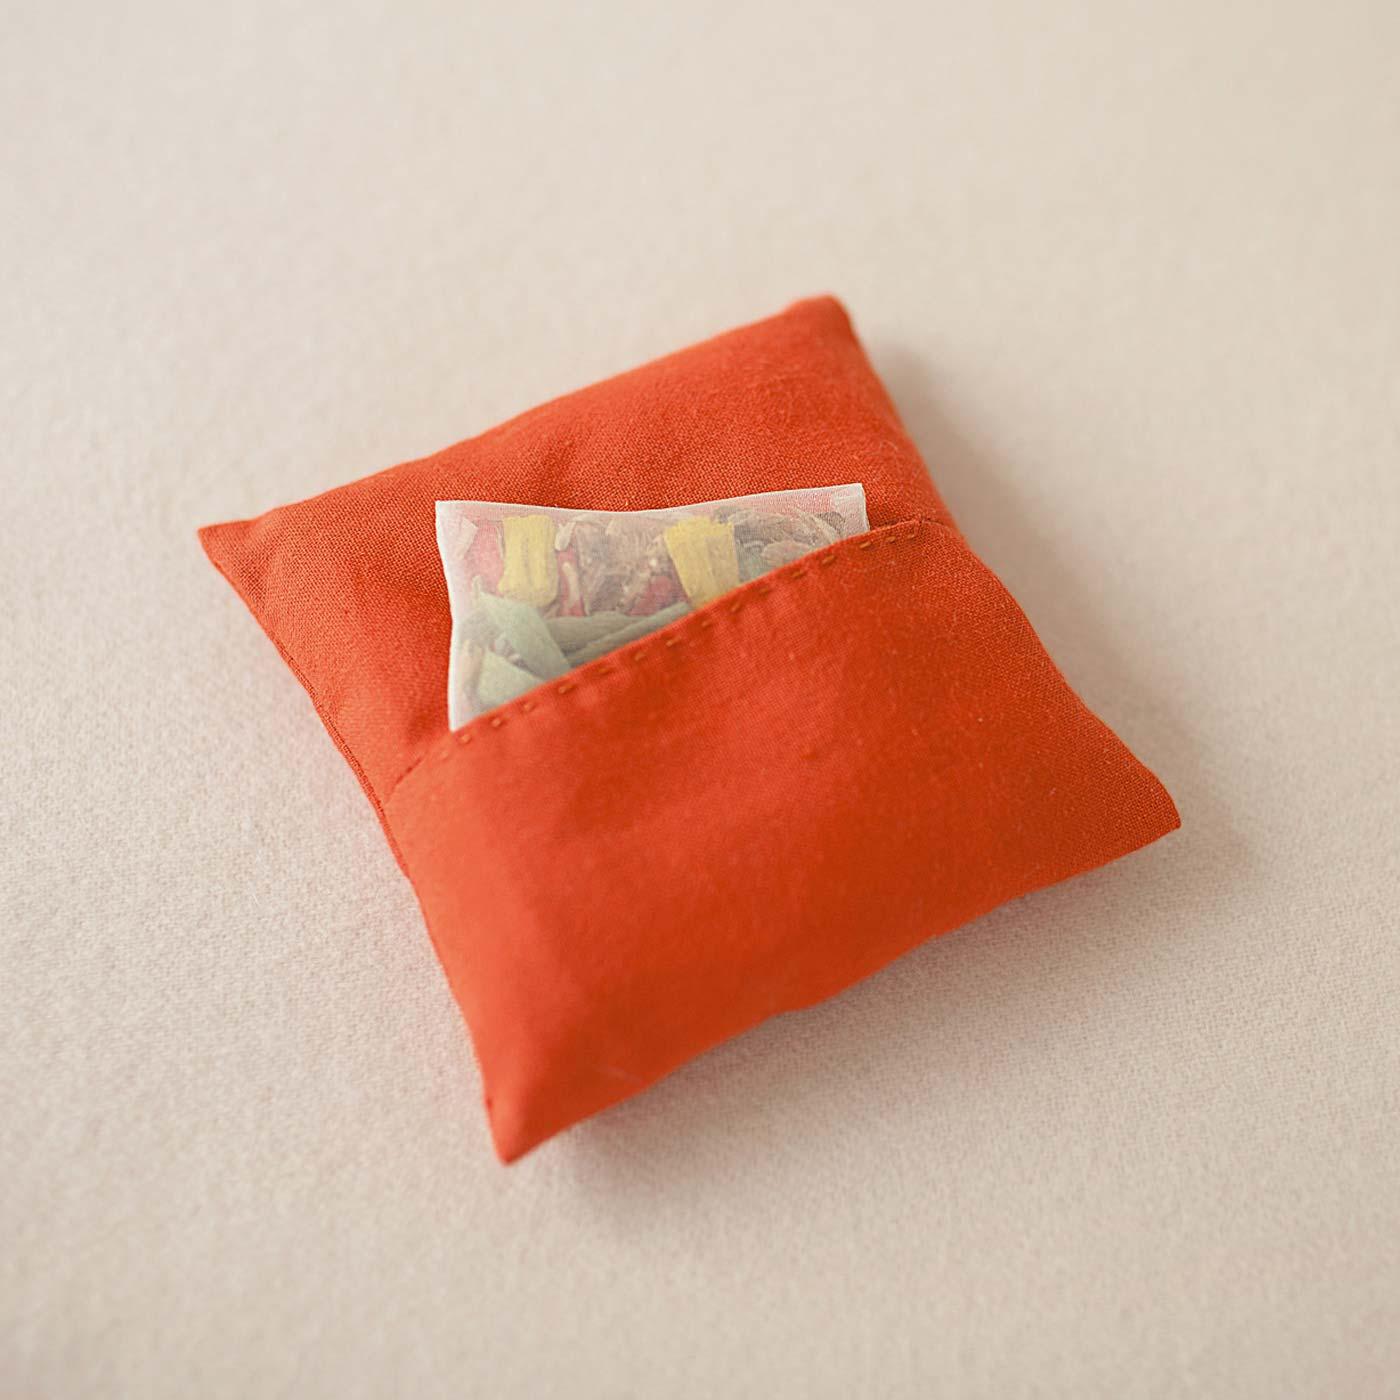 座布団の裏はポケット付き。ポプリを入れたり、玄関に飾ってかぎやハンコの収納にも!